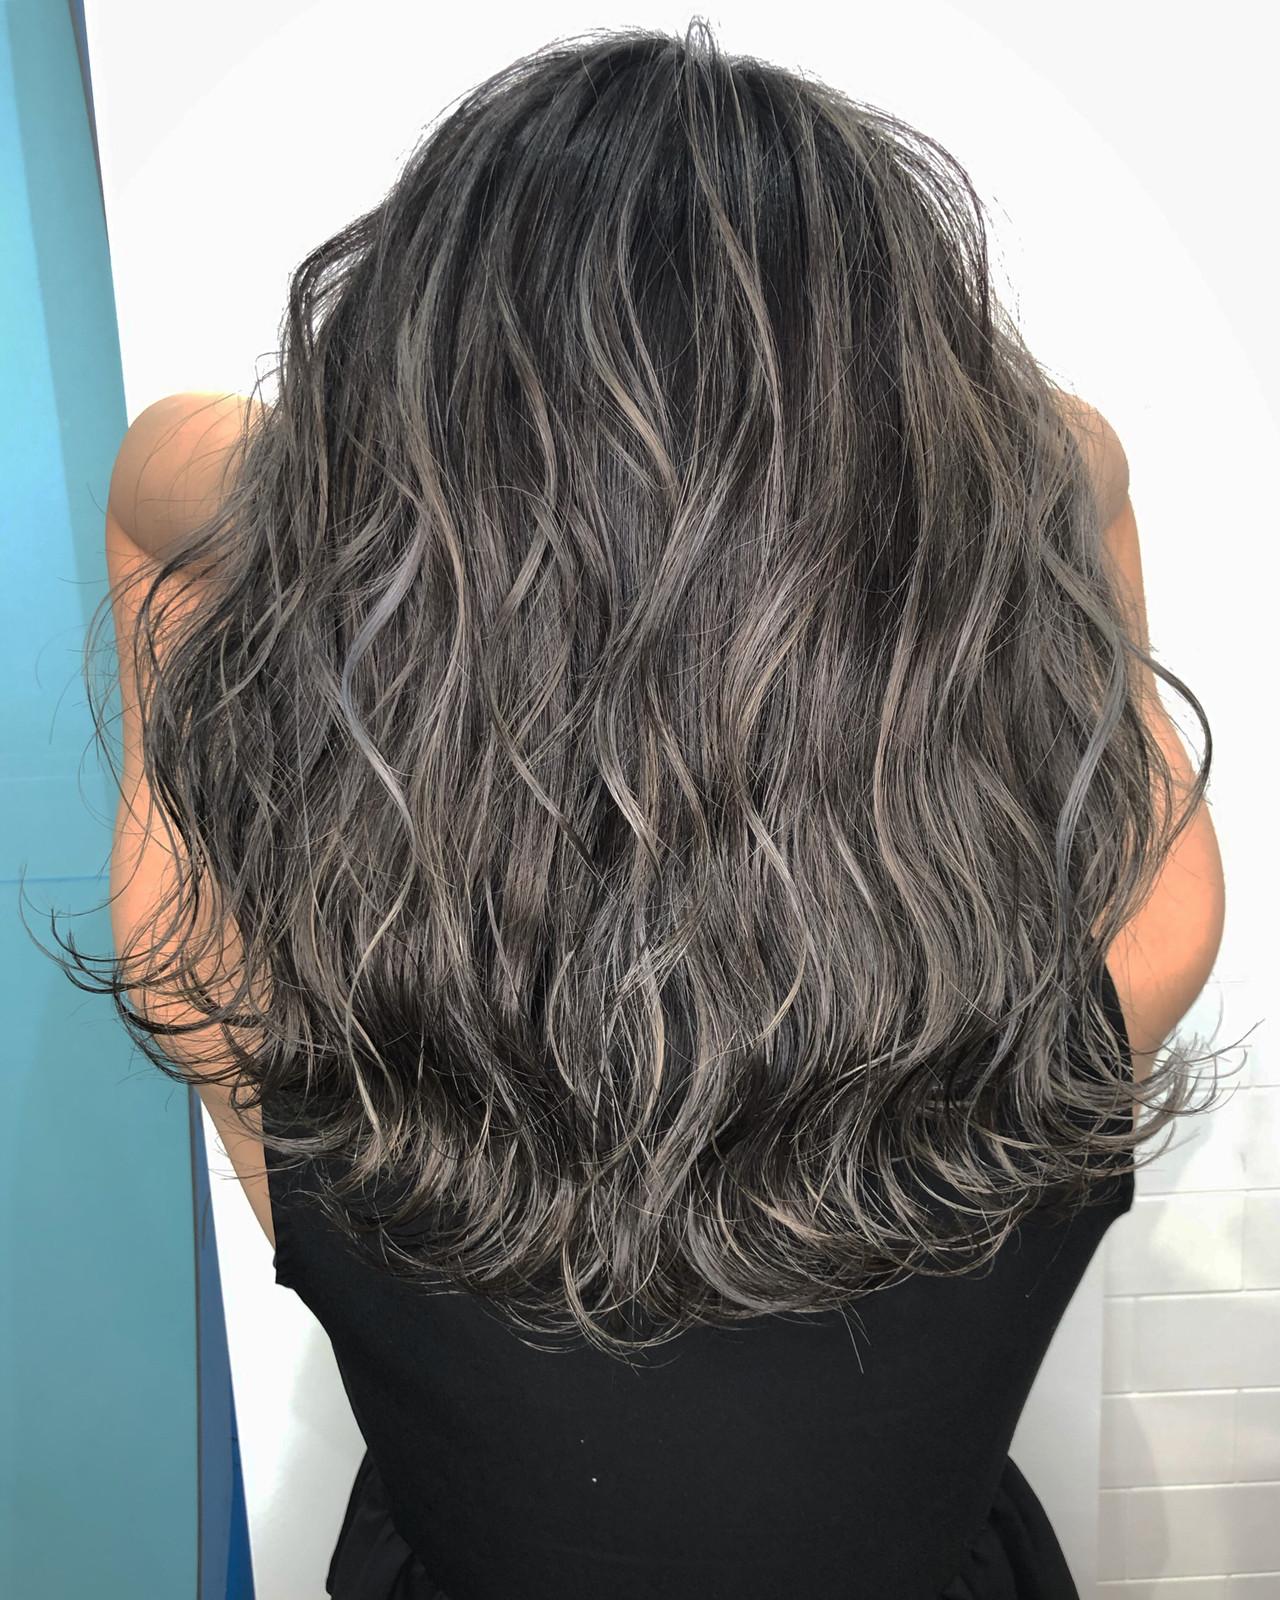 ハイライト 外国人風 アッシュ ミディアム ヘアスタイルや髪型の写真・画像